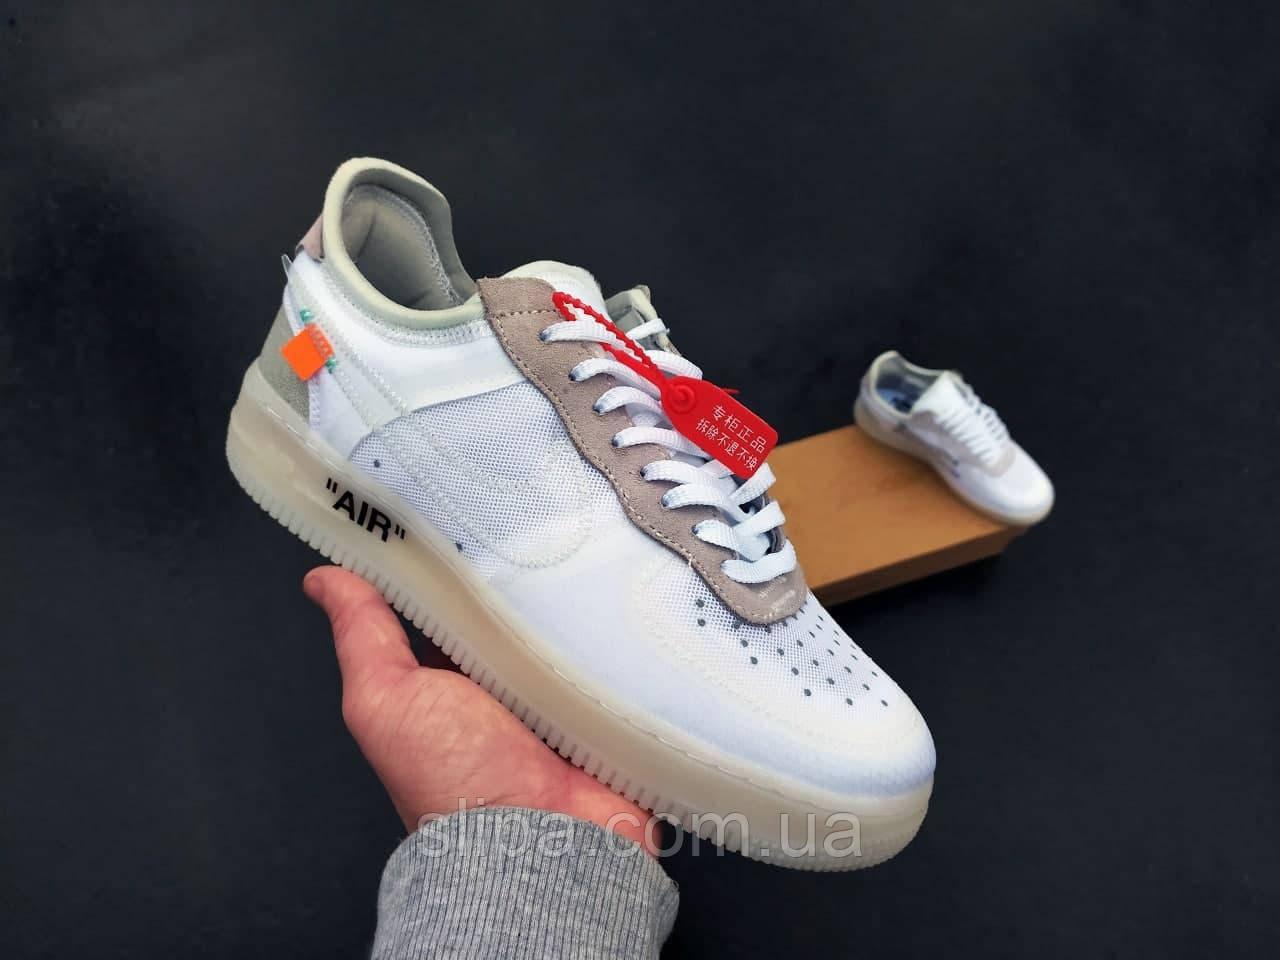 Мужские кроссовки в стиле Nike Air Force Off-White белые